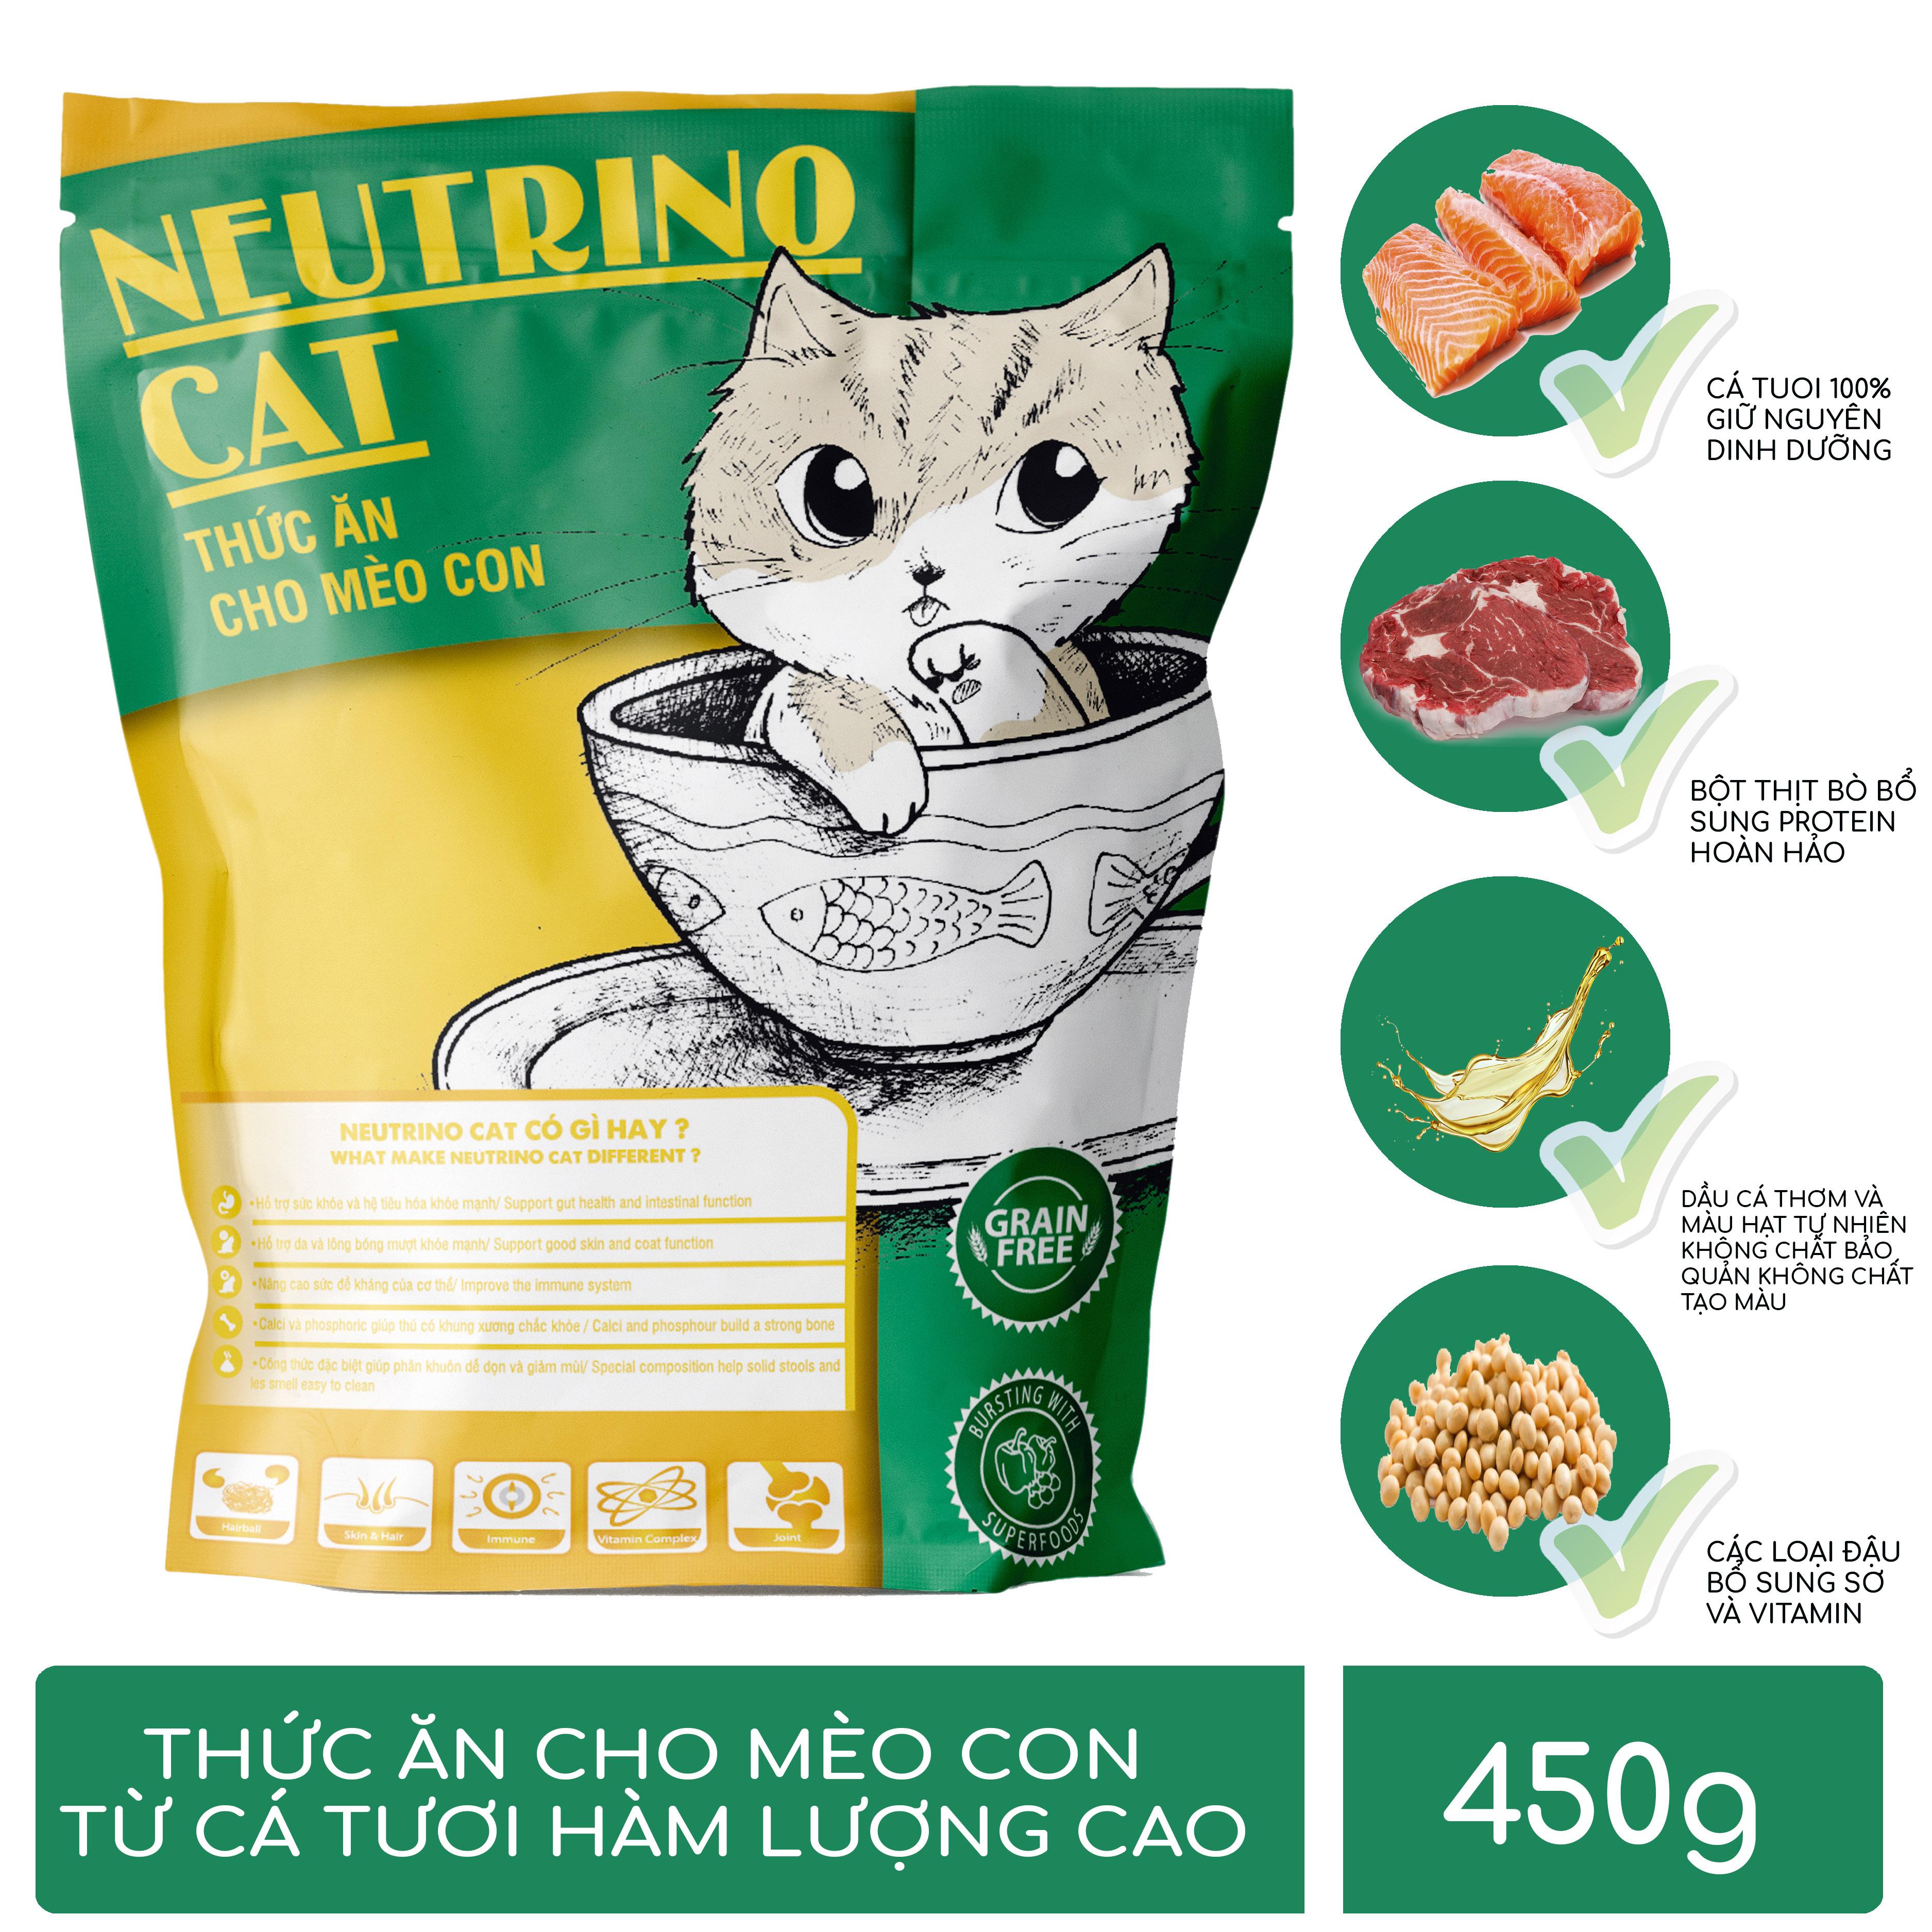 Thức ăn cho Mèo con Neutrino Cat 3